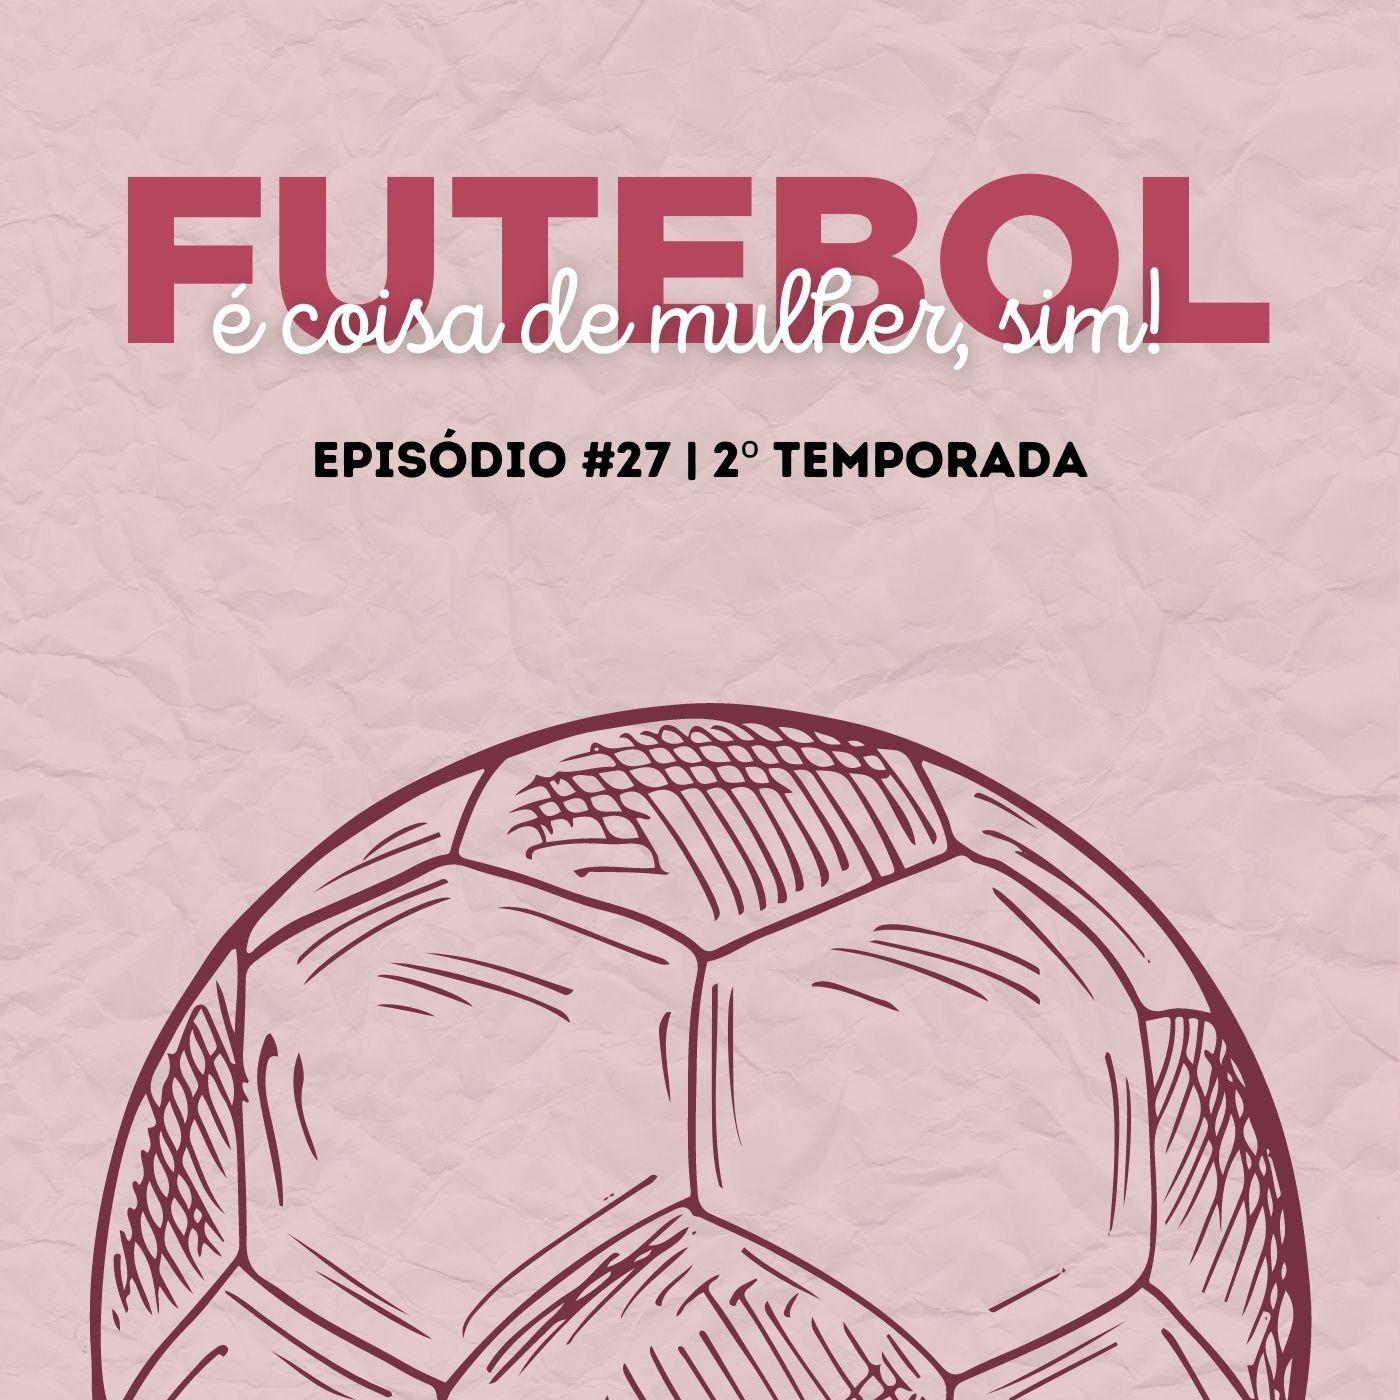 GordaCast #27   Futebol é coisa de mulher, sim! com Japa Mayumi